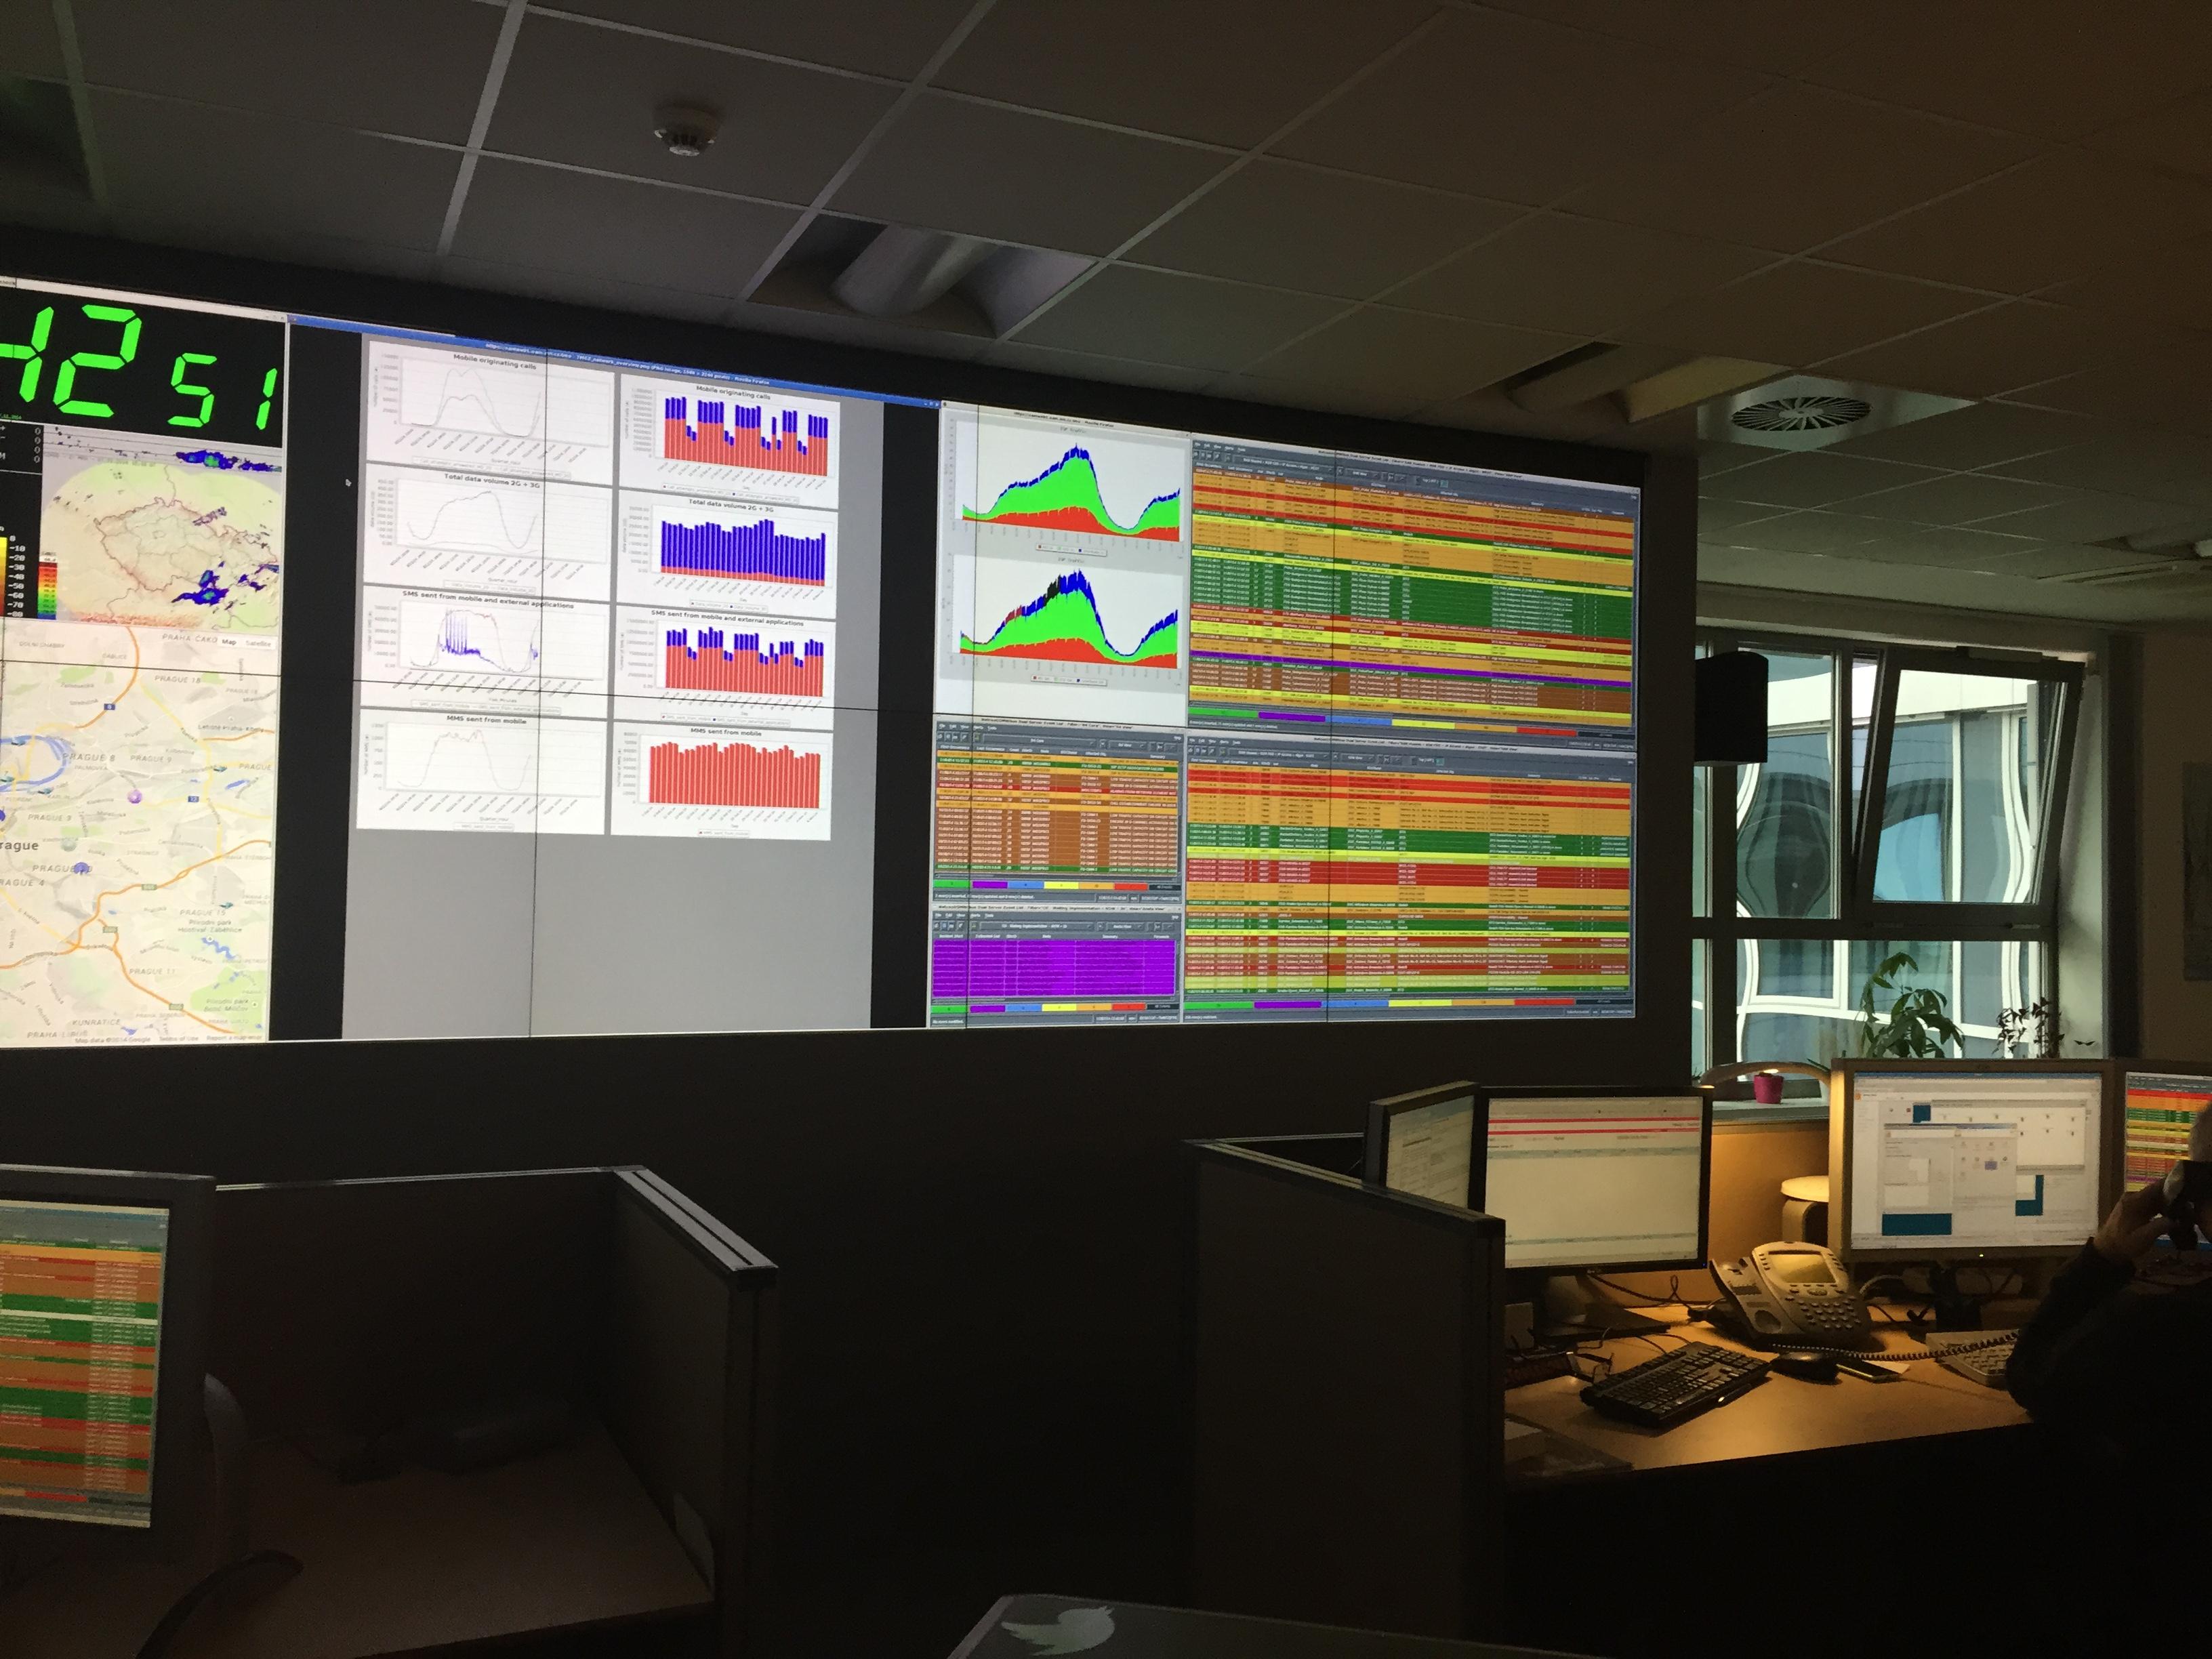 Koszmar operatora, czyli mapa problemów z siecią wielkości ściany. T-Mobile Network Monitoring Centre – relacja Spider's Web